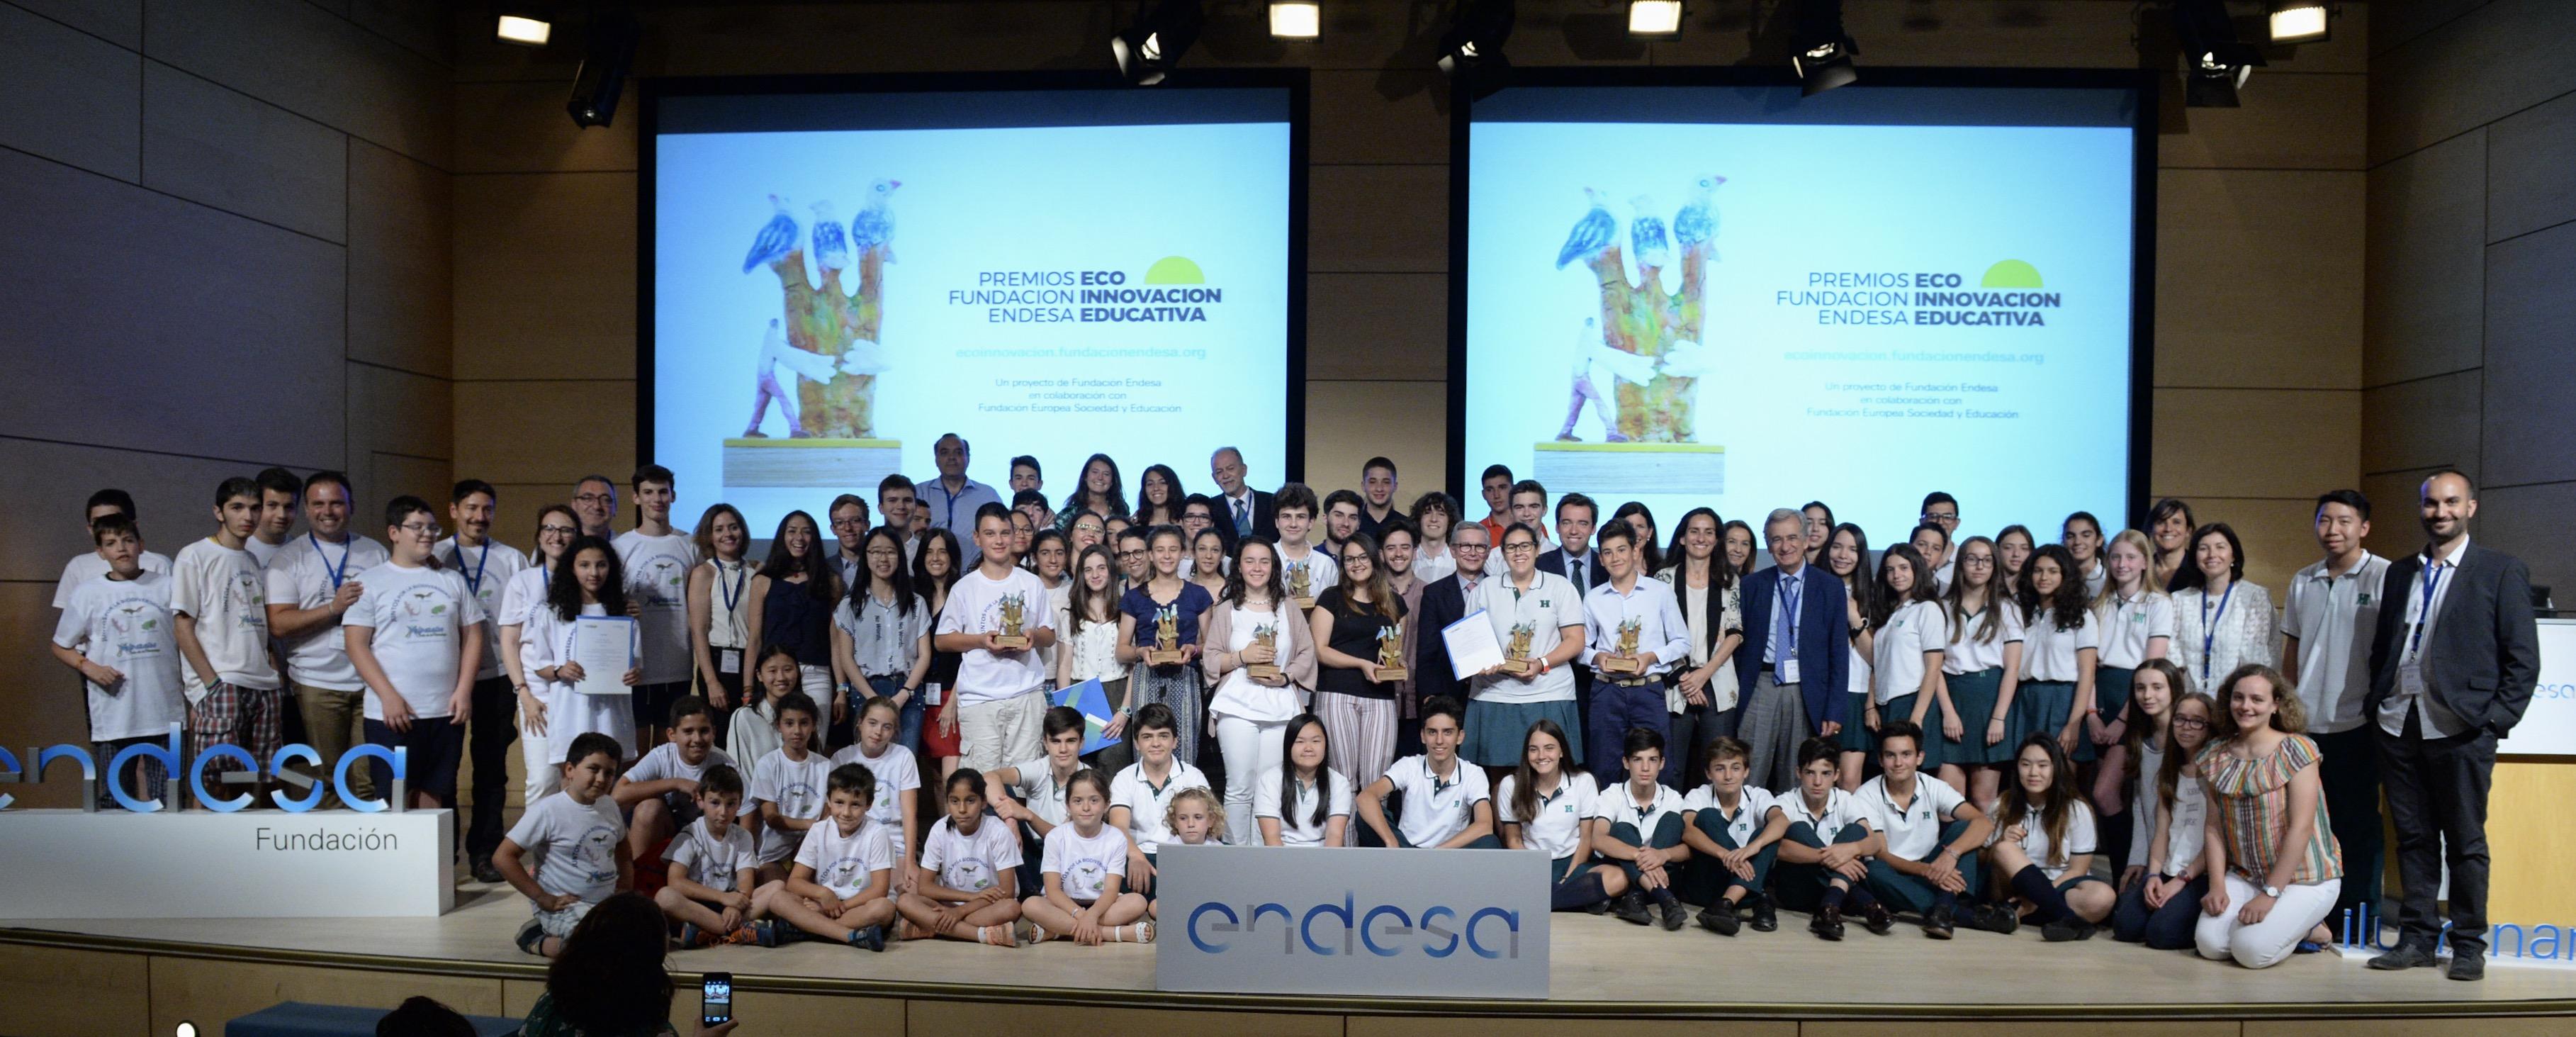 ganadores premios Ecoinnovacion Educativa Fundación Endesa